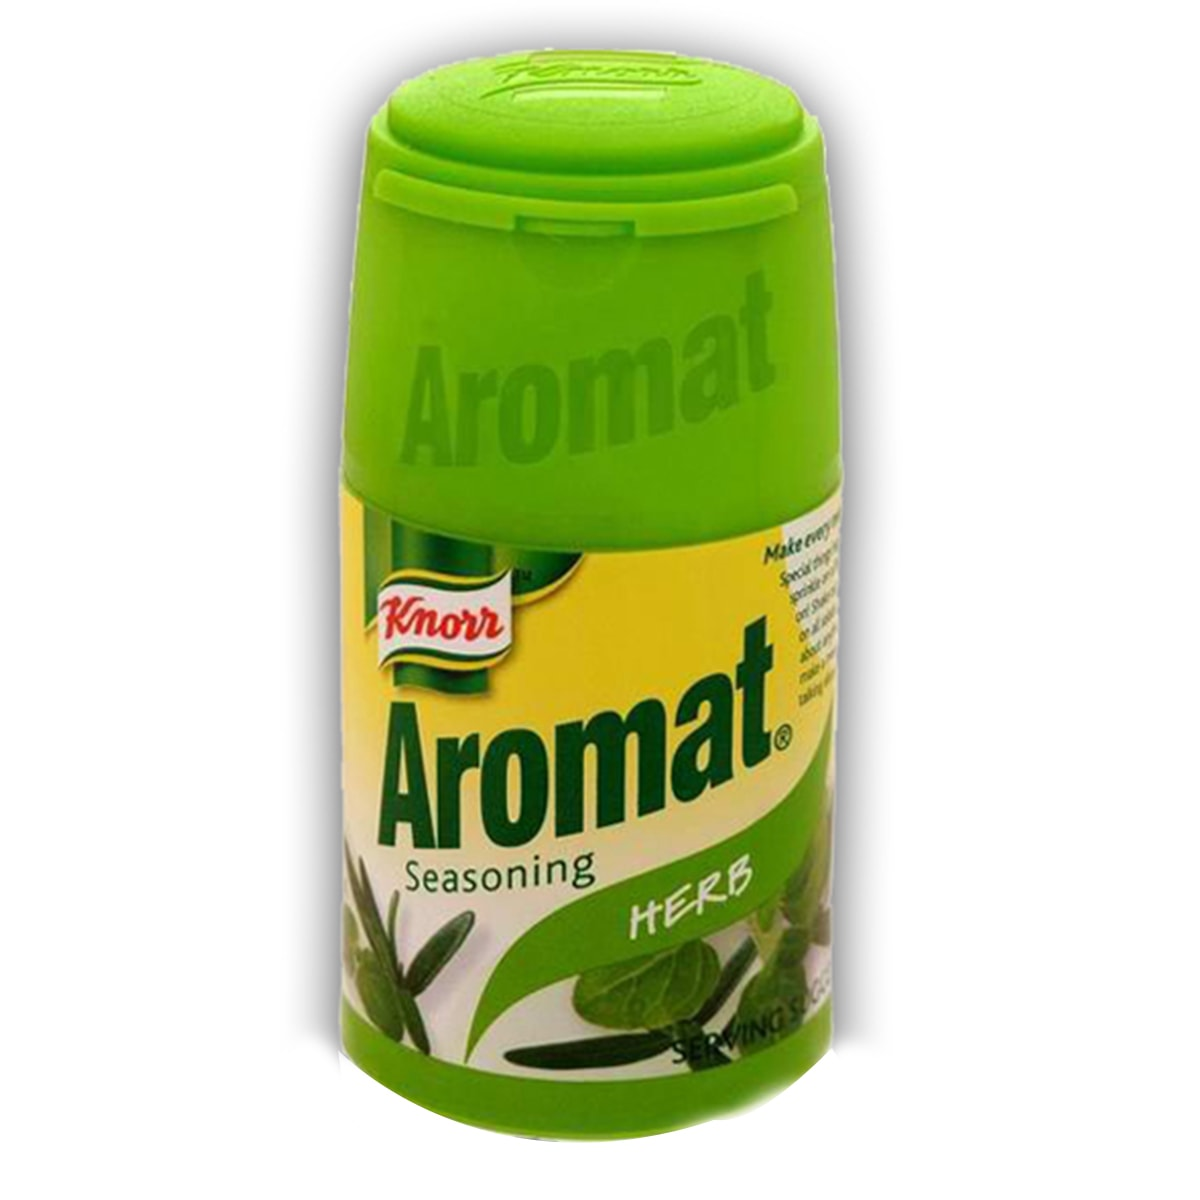 Buy Knorr Aromat Seasoning Herb - 75 gm